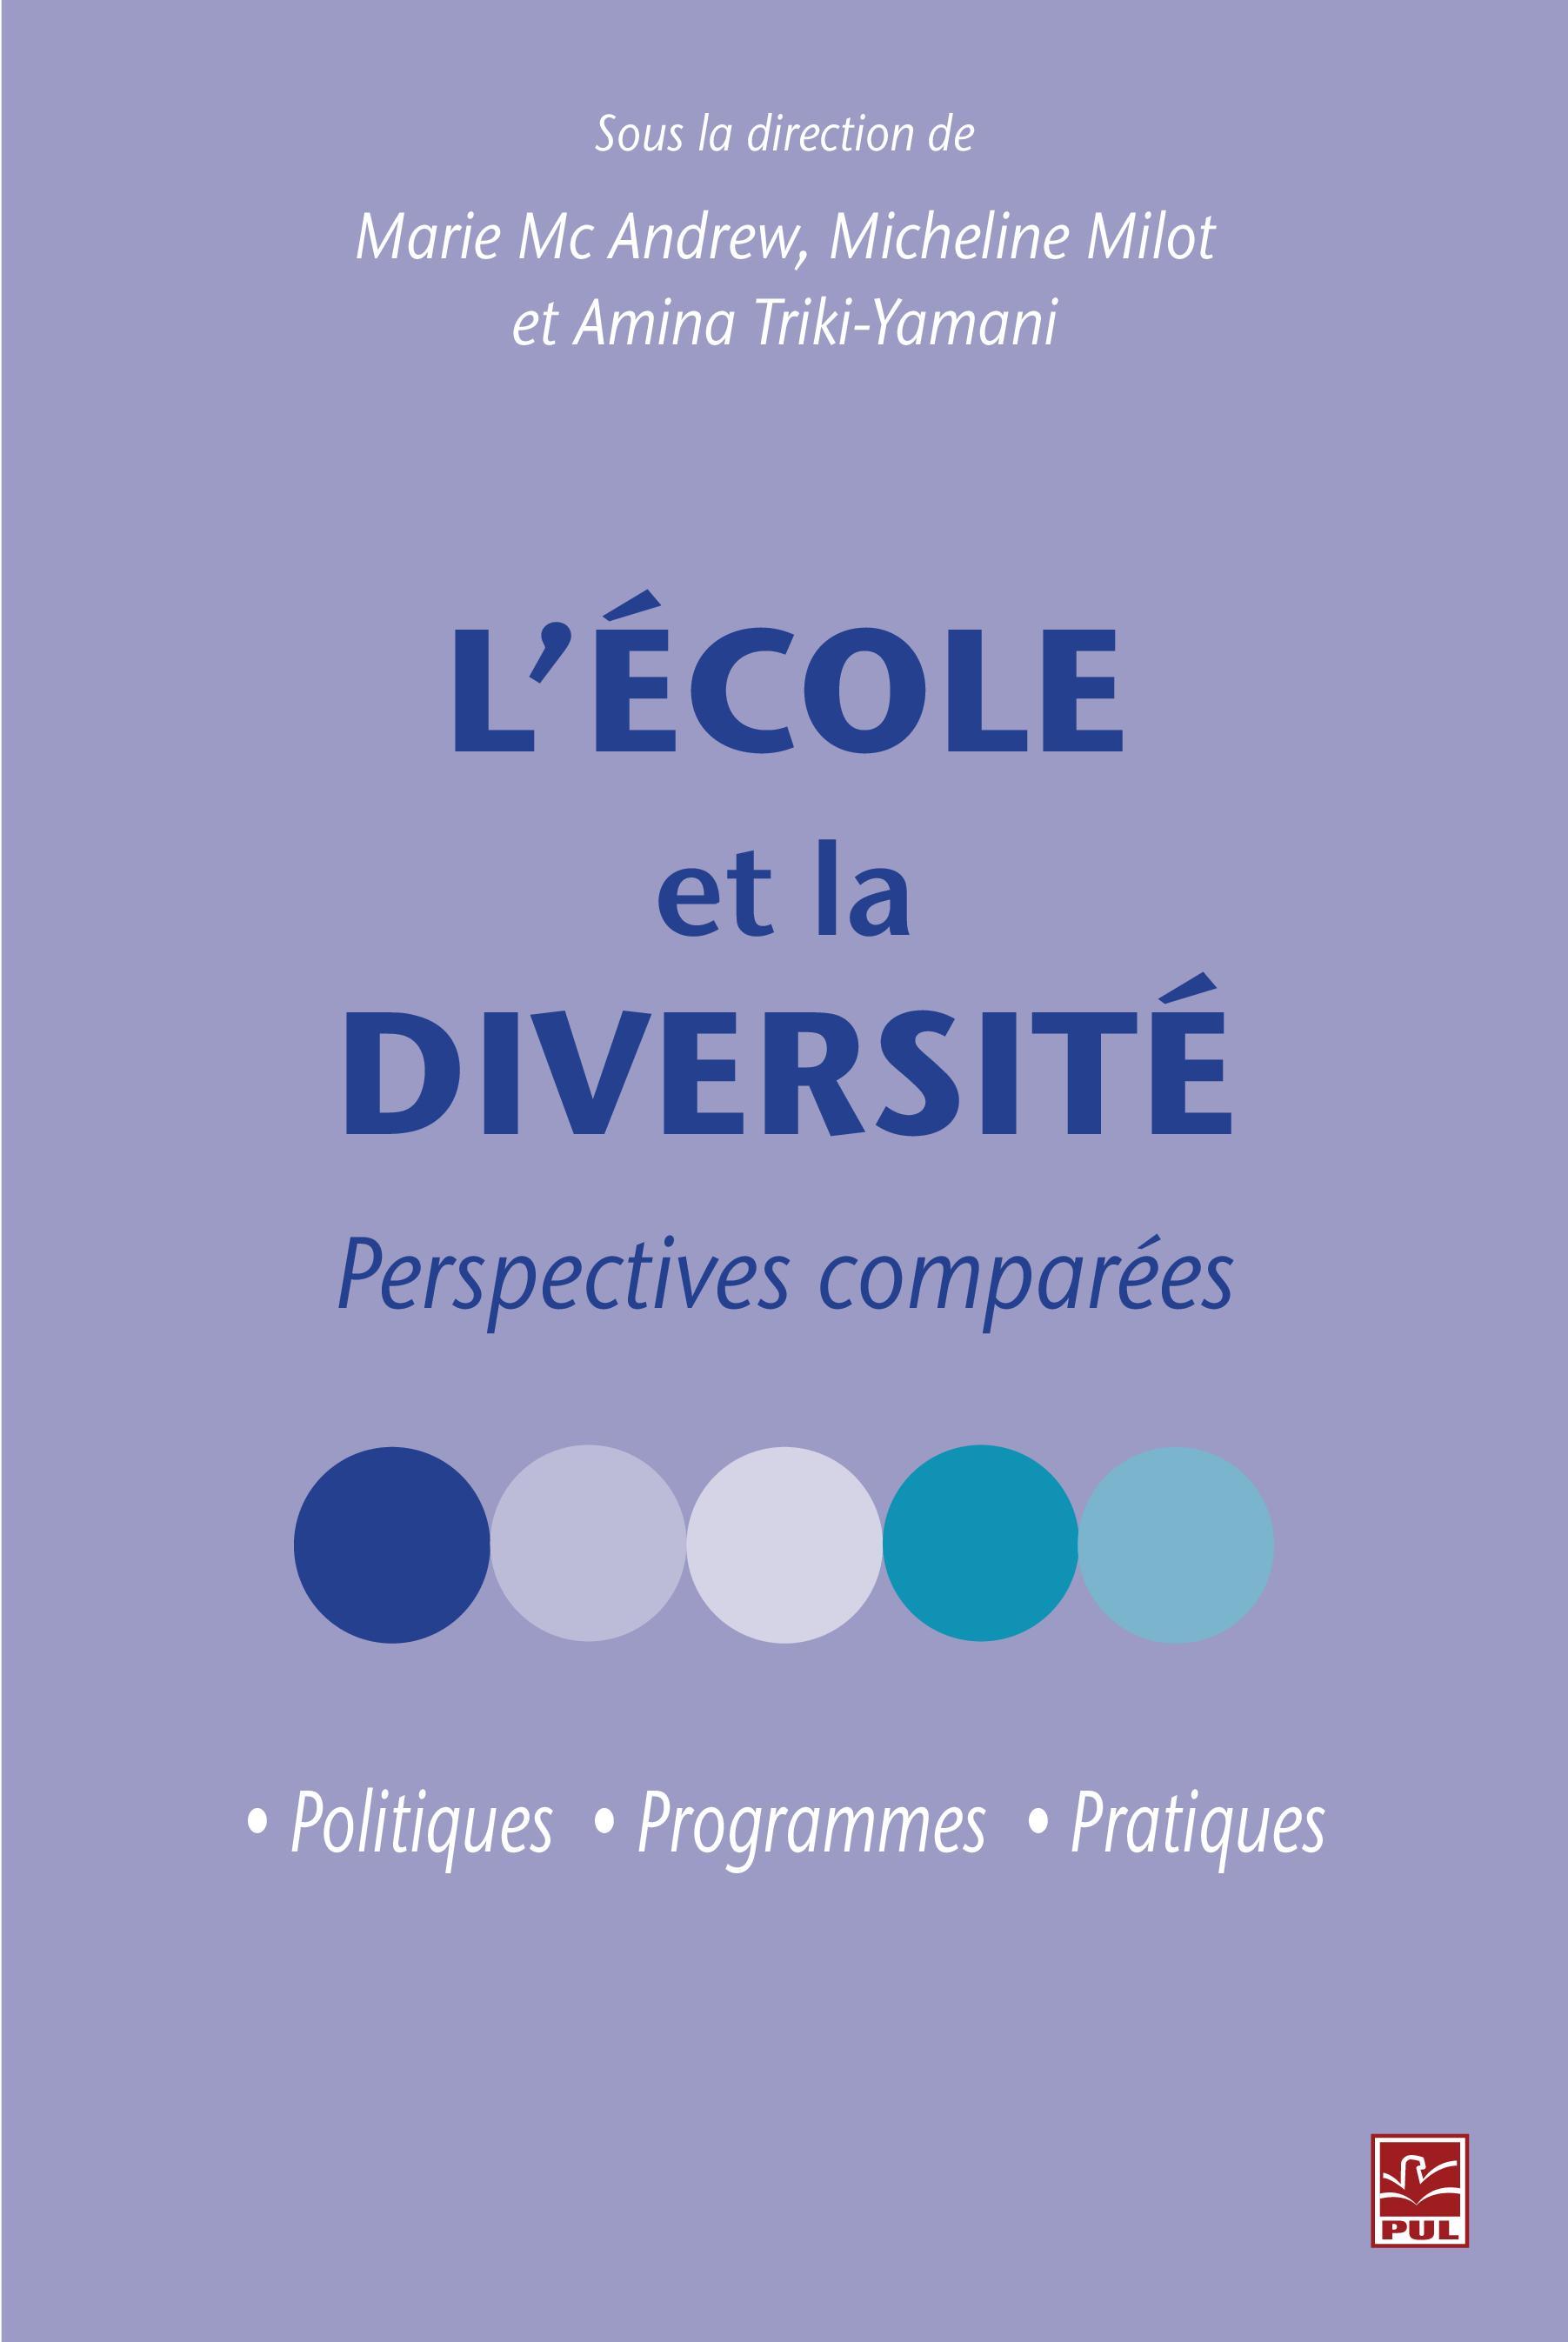 L'école et la diversité : Perspectives comparées